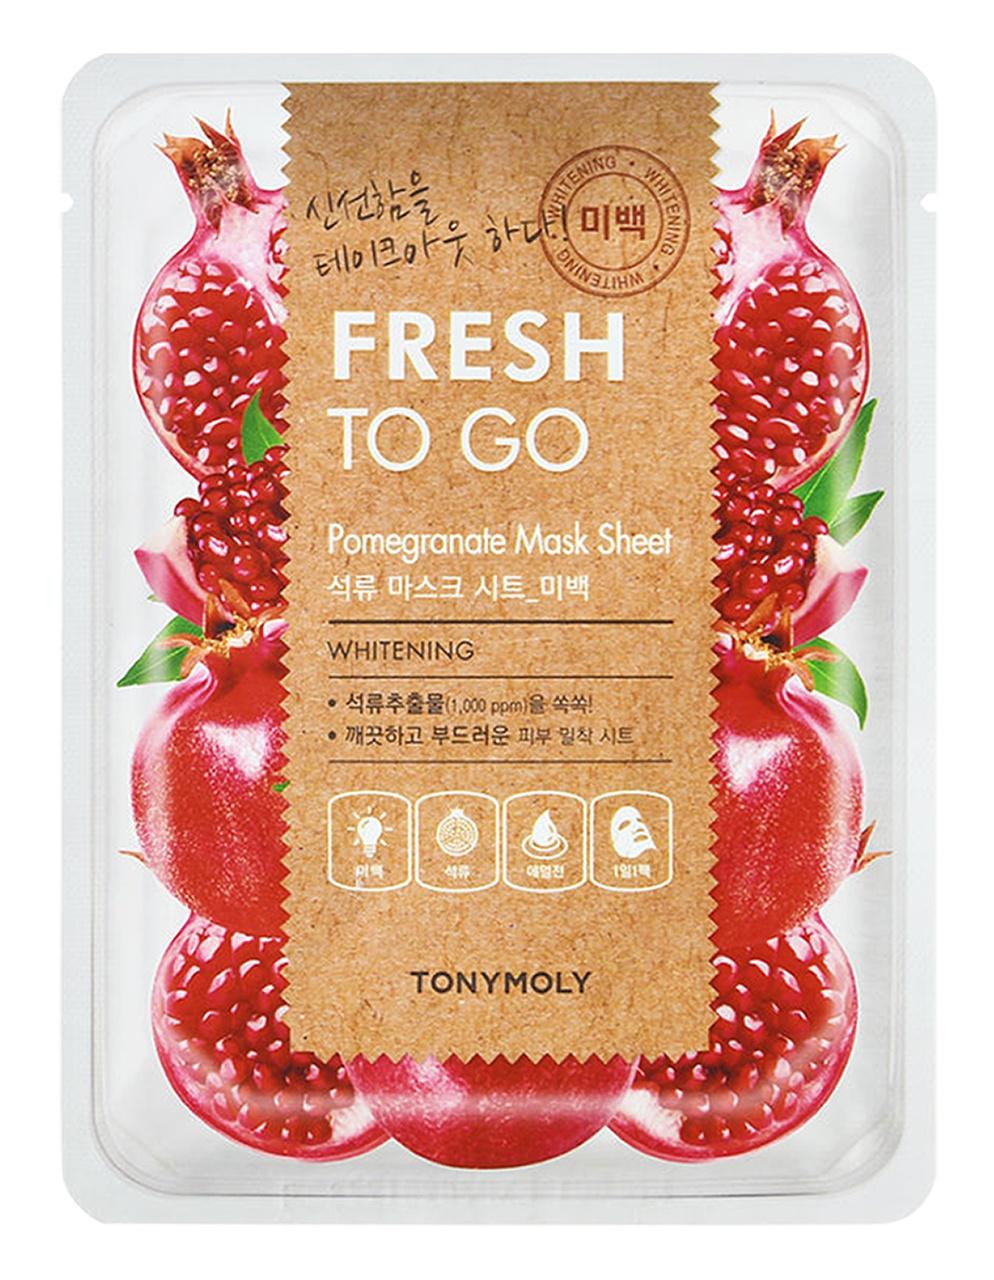 TonyMoly Fresh To Go Pomegranate Mask Sheet